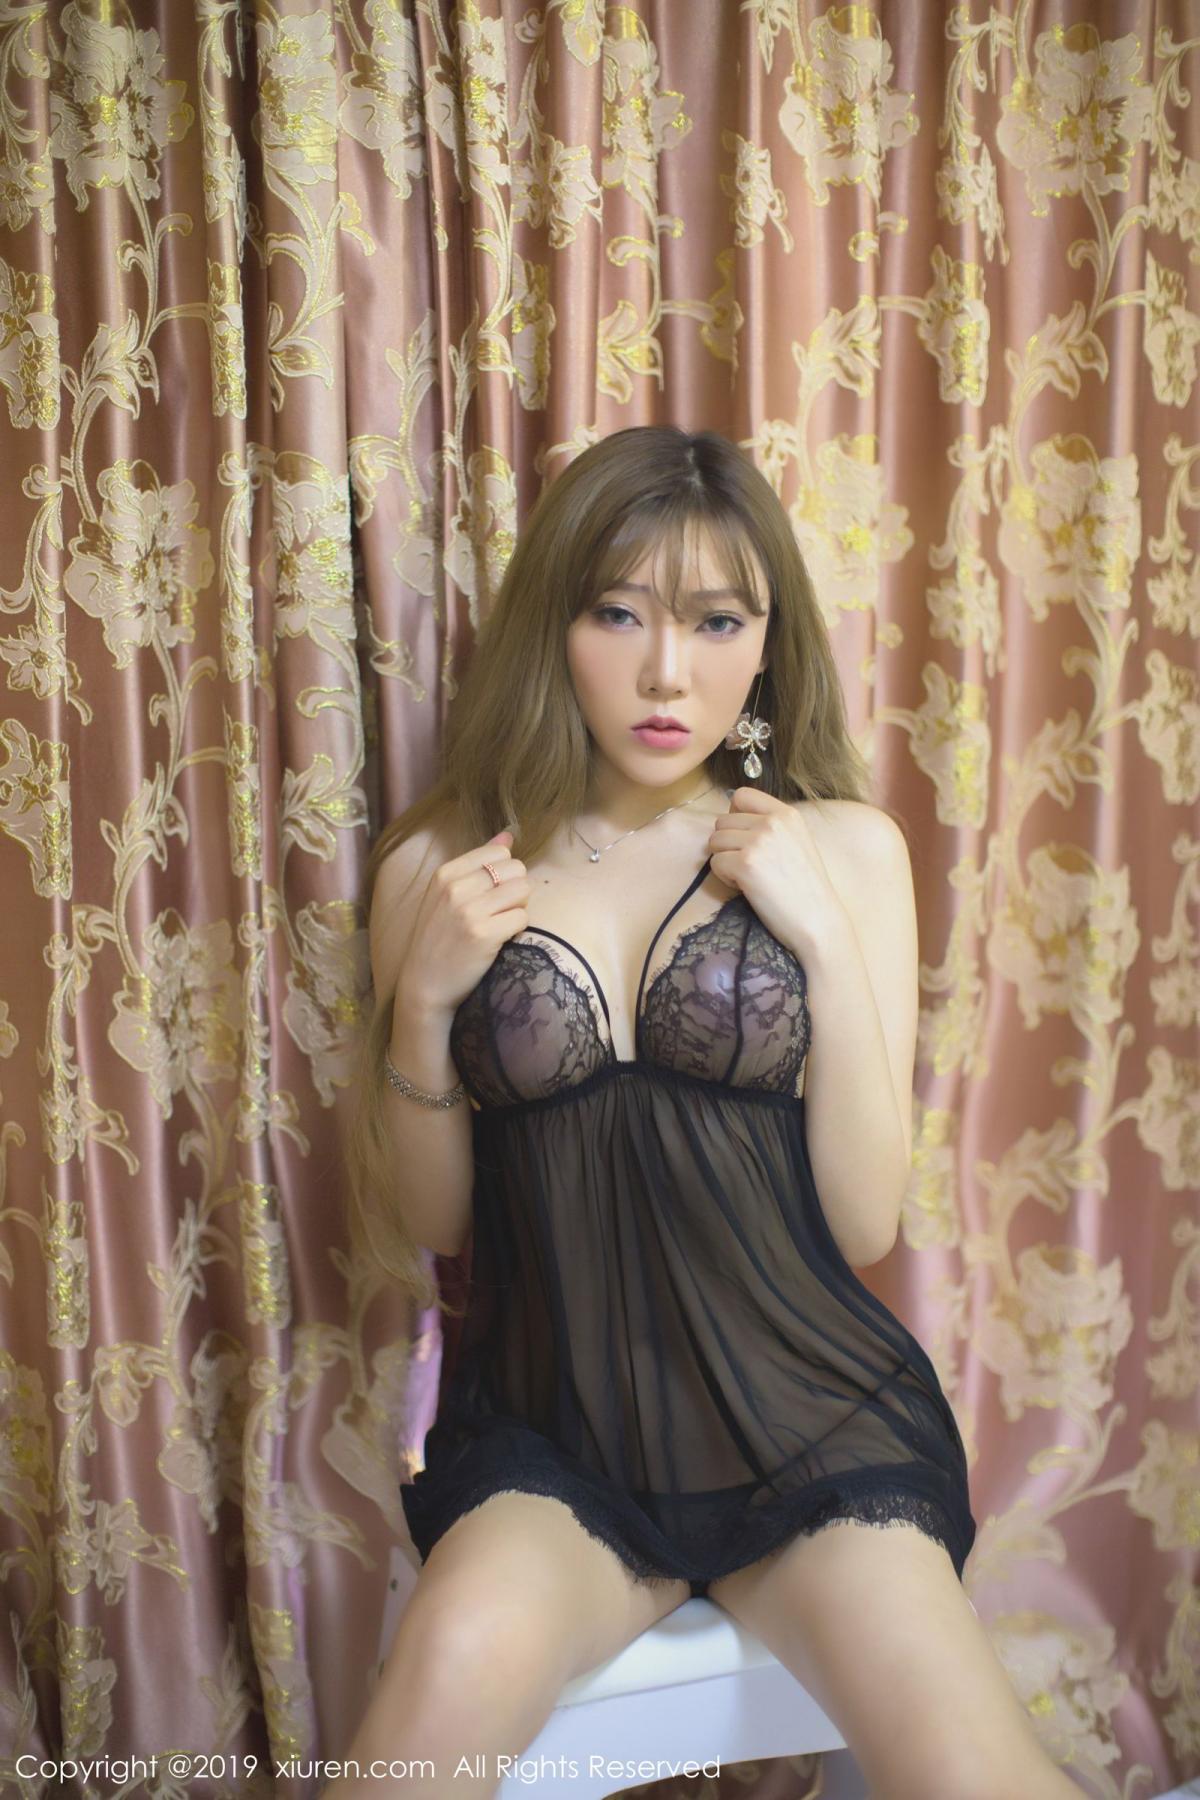 [XiuRen] Vol.1548 Meng Han Yao 1P, Meng Han Yao, Underwear, Xiuren